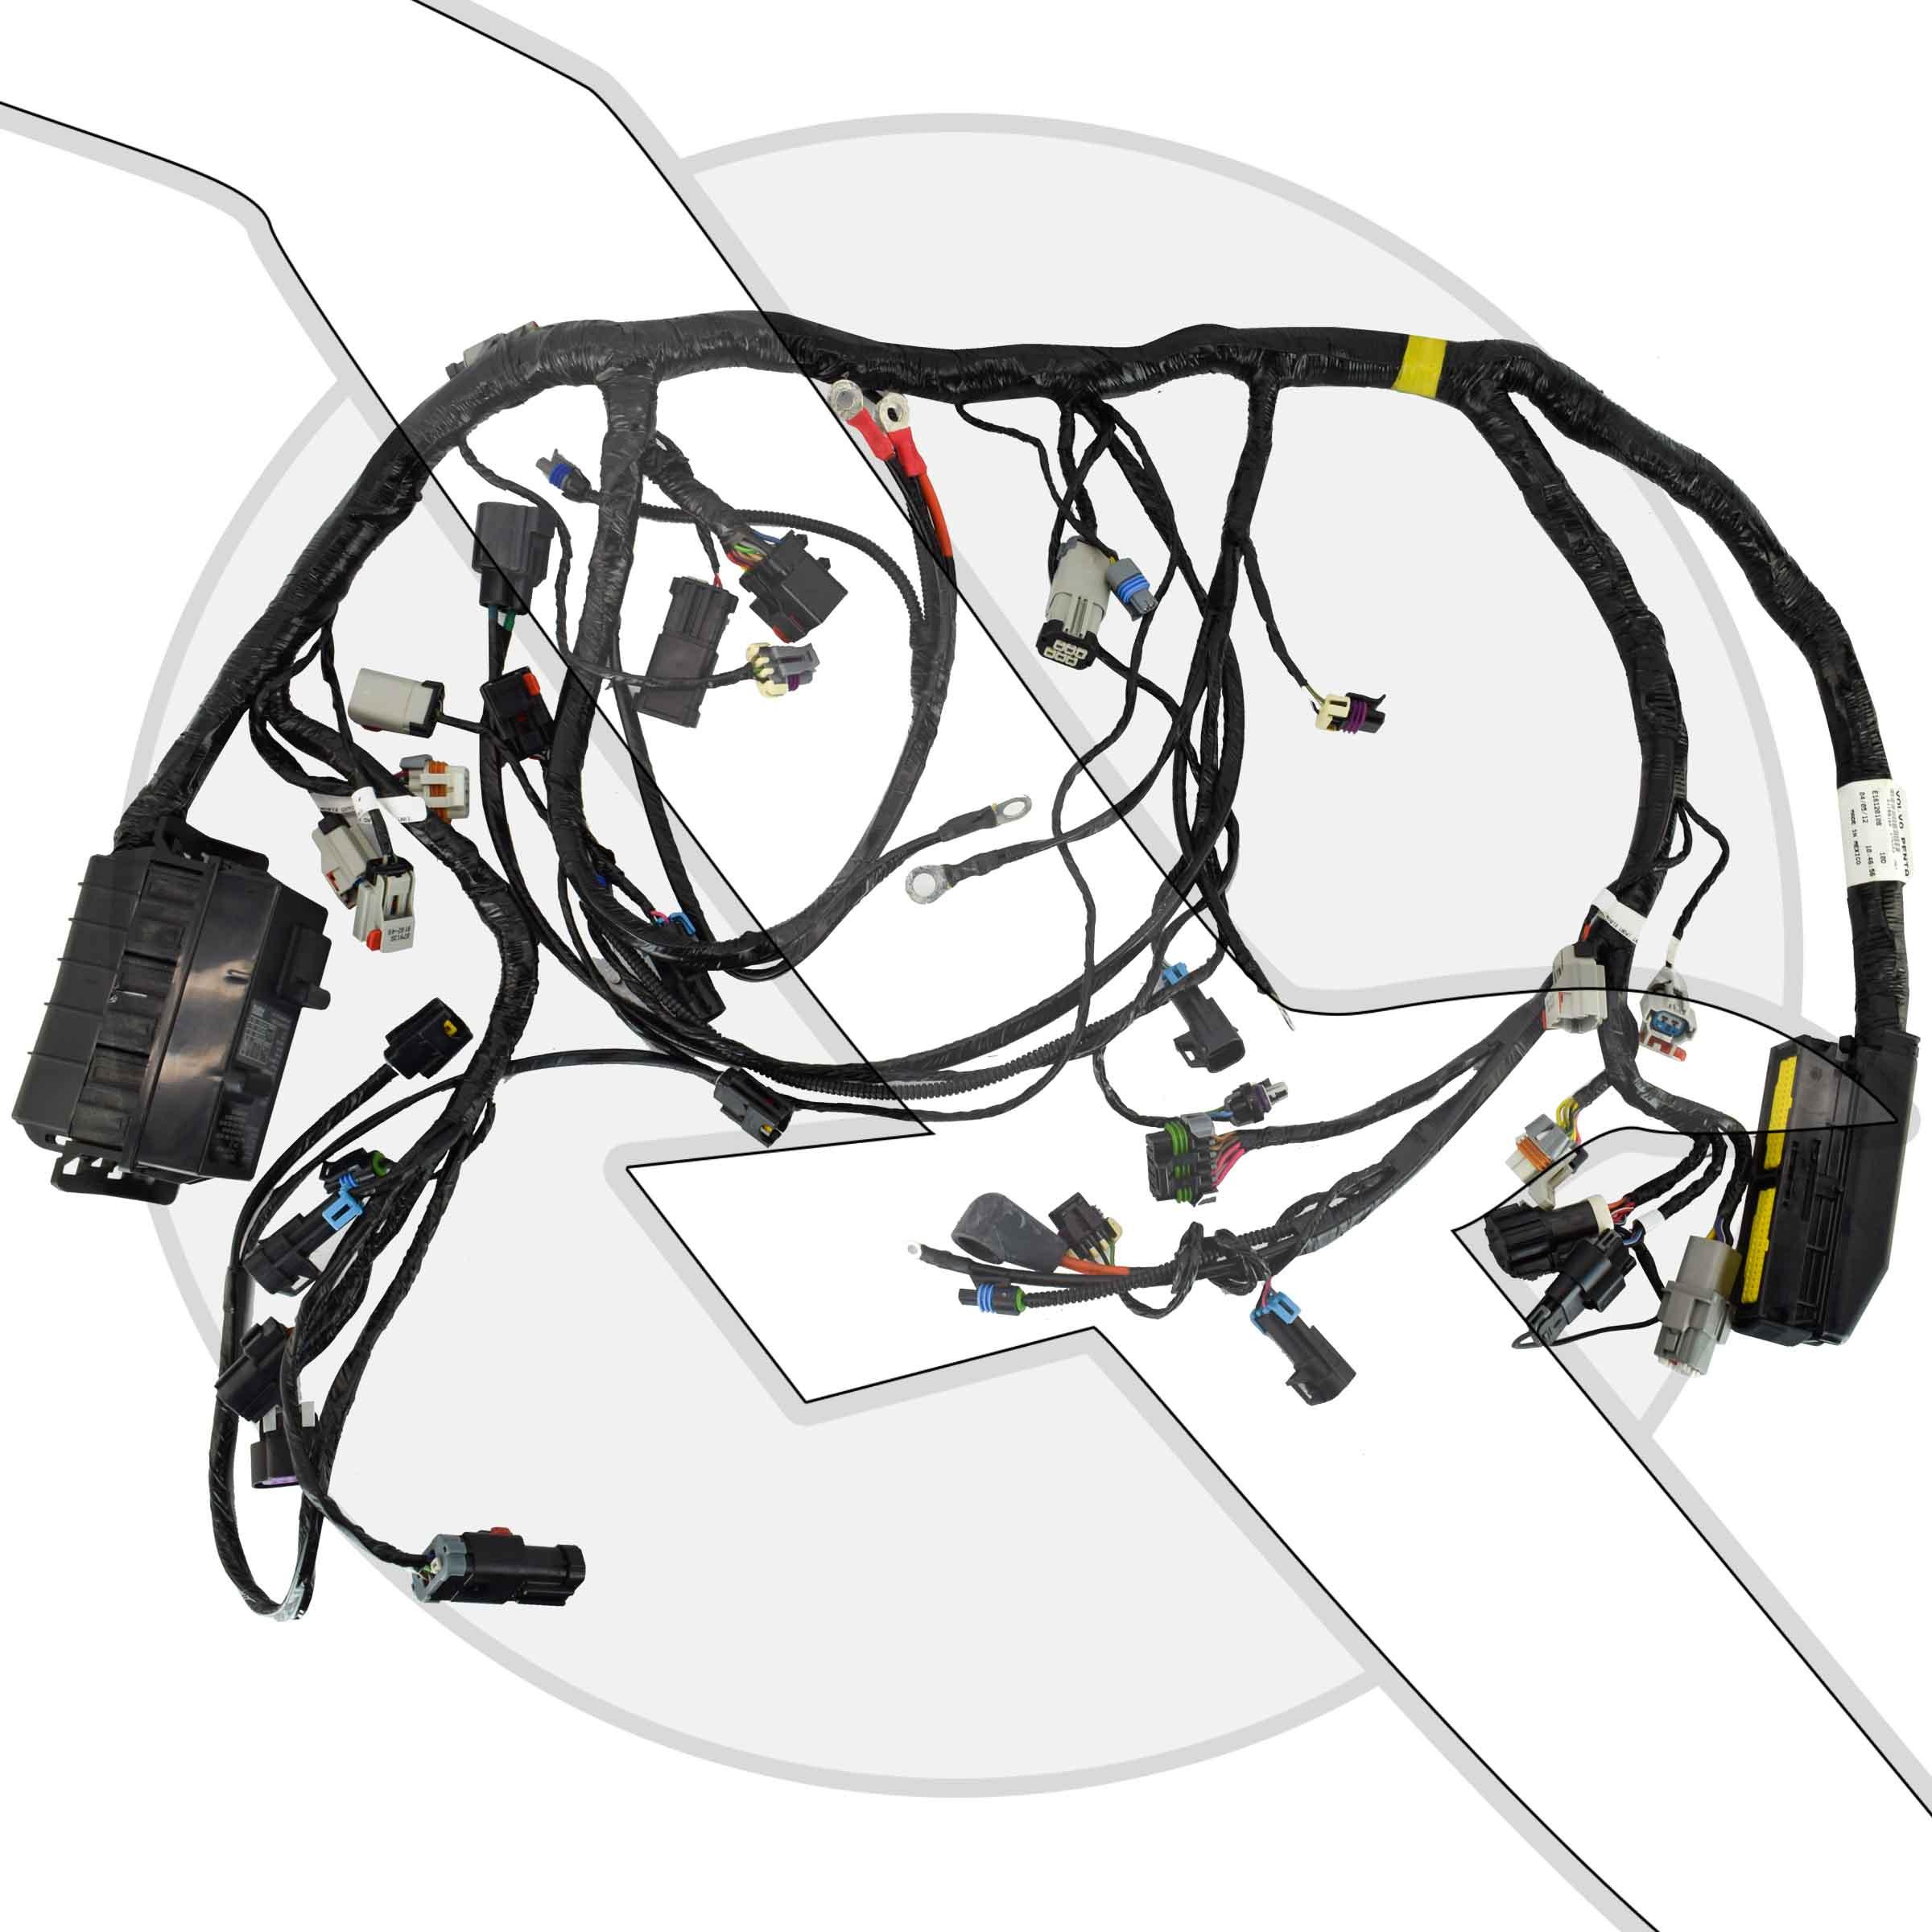 Sae J1171 Marine Starter Wiring Diagram